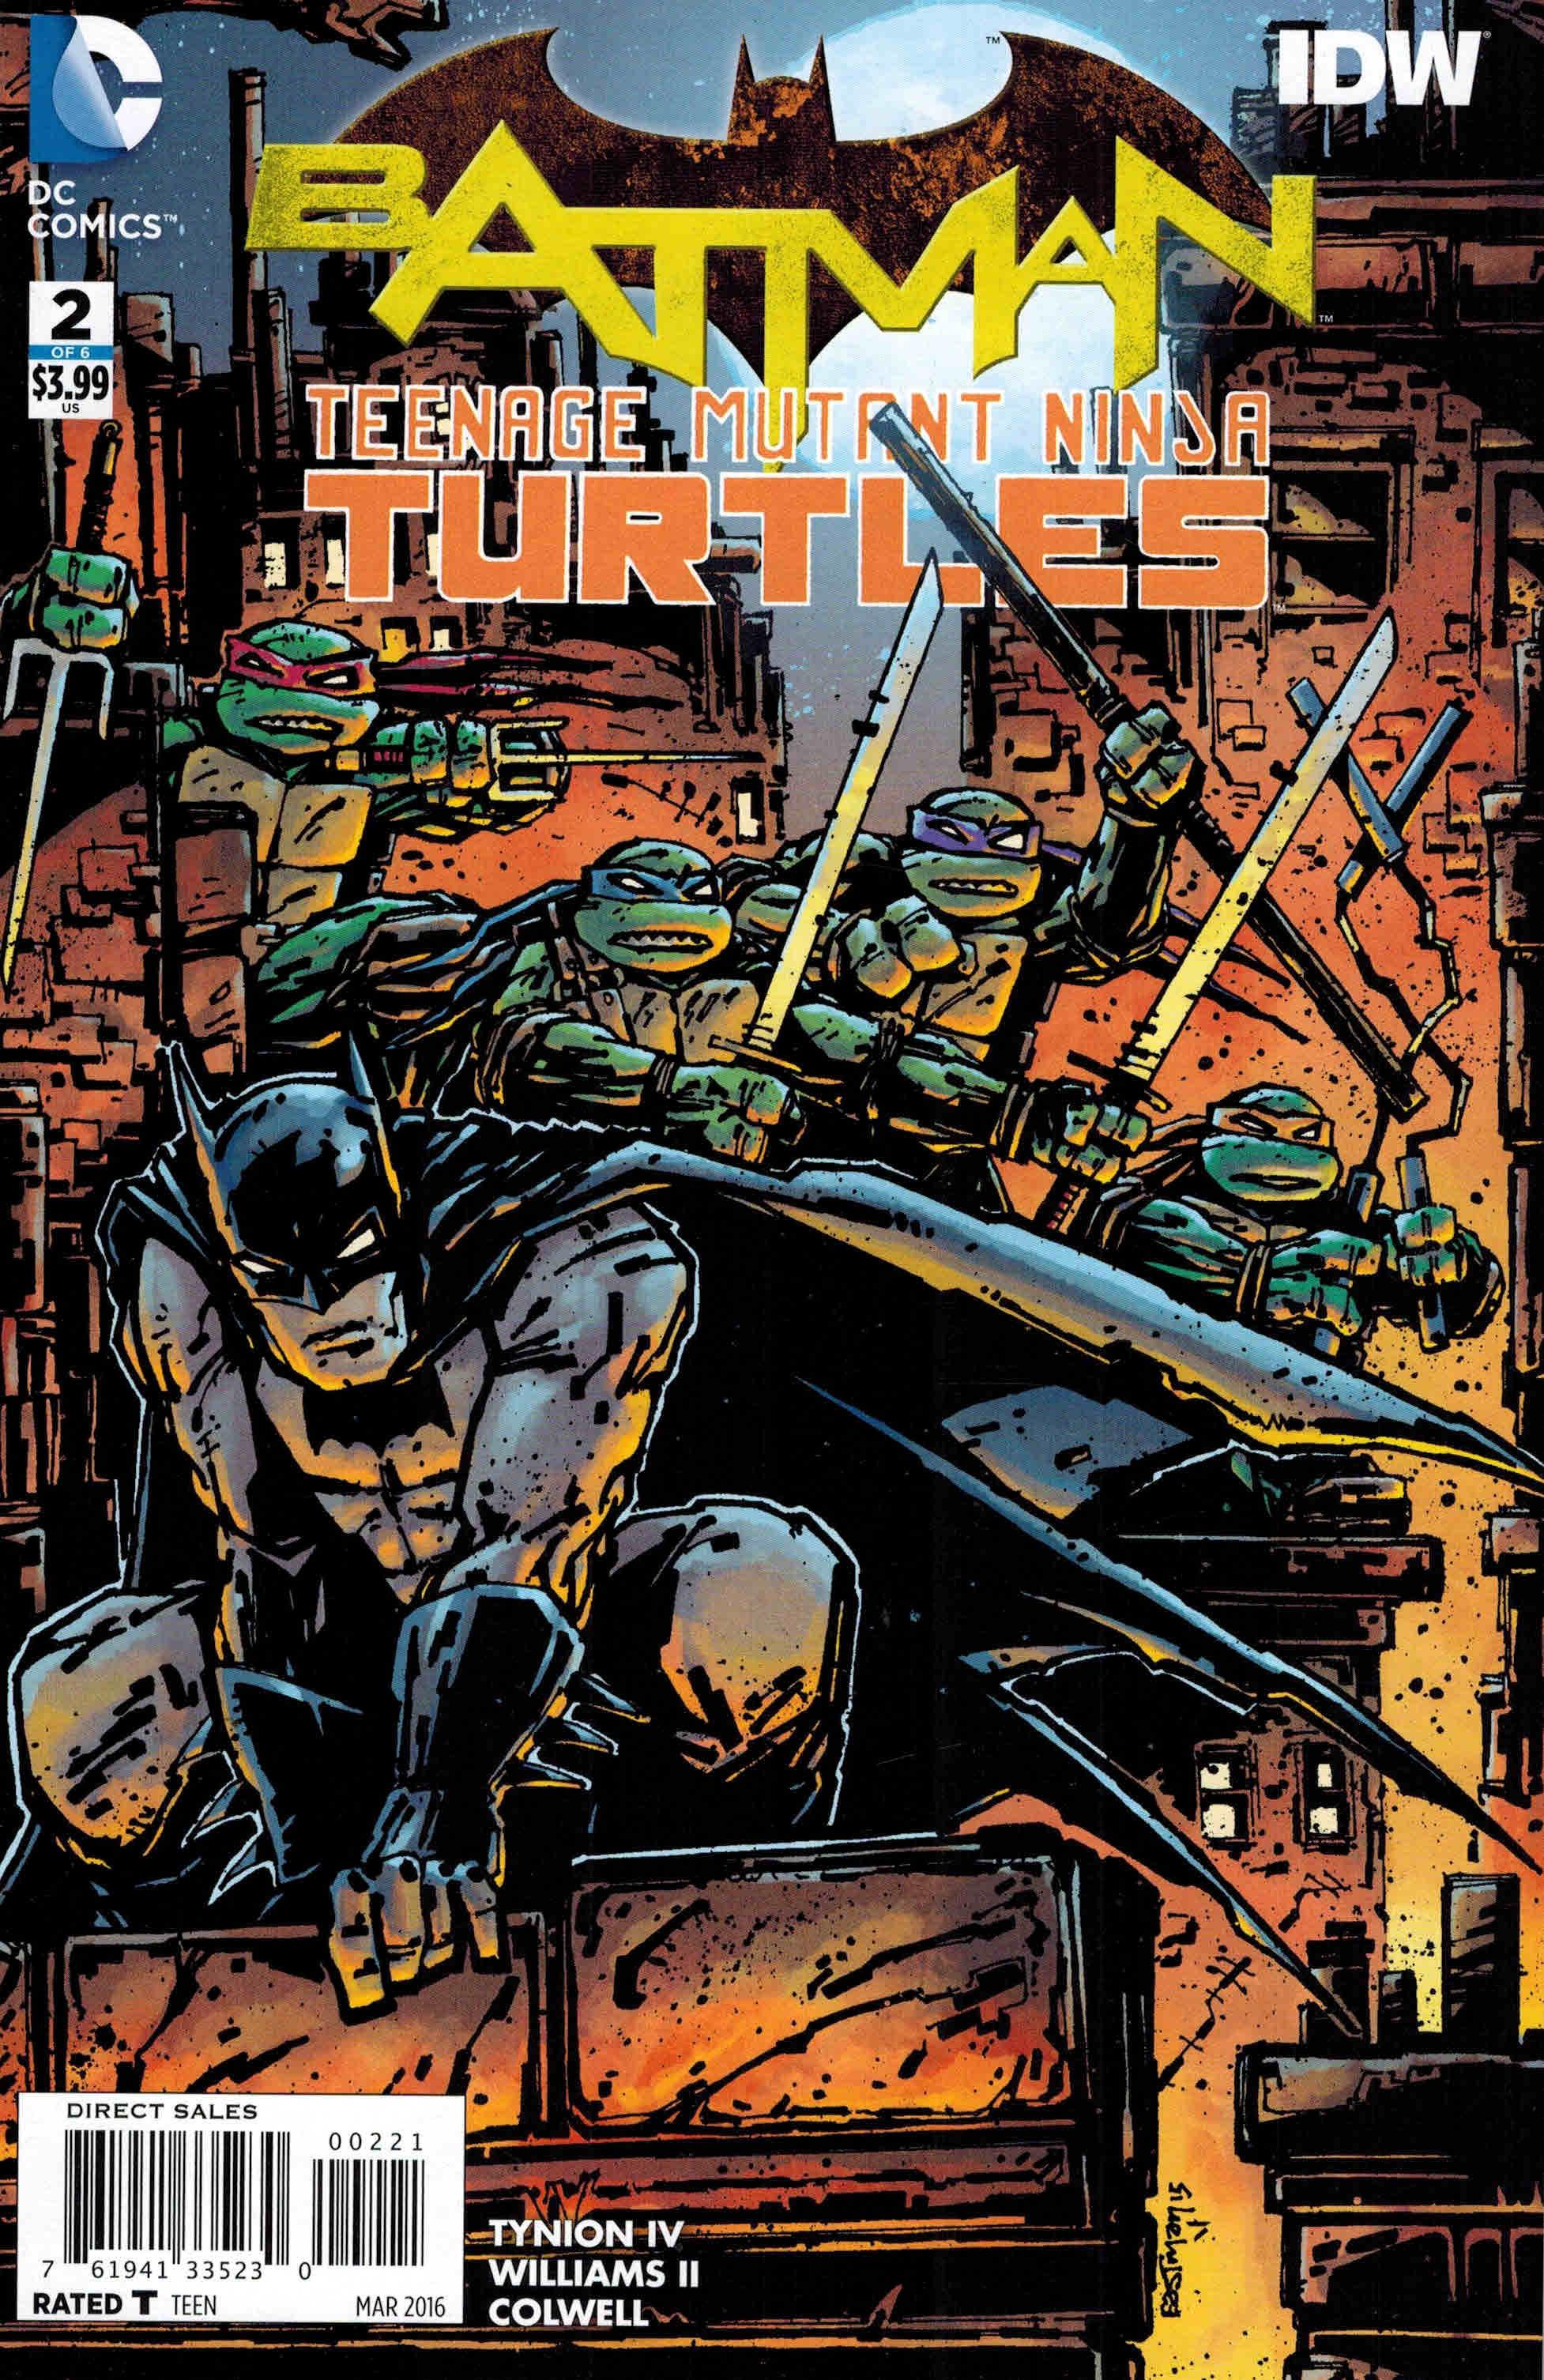 Batman Teenage Mutant Ninja Turtles II #2 Eastman 1st Print Comic